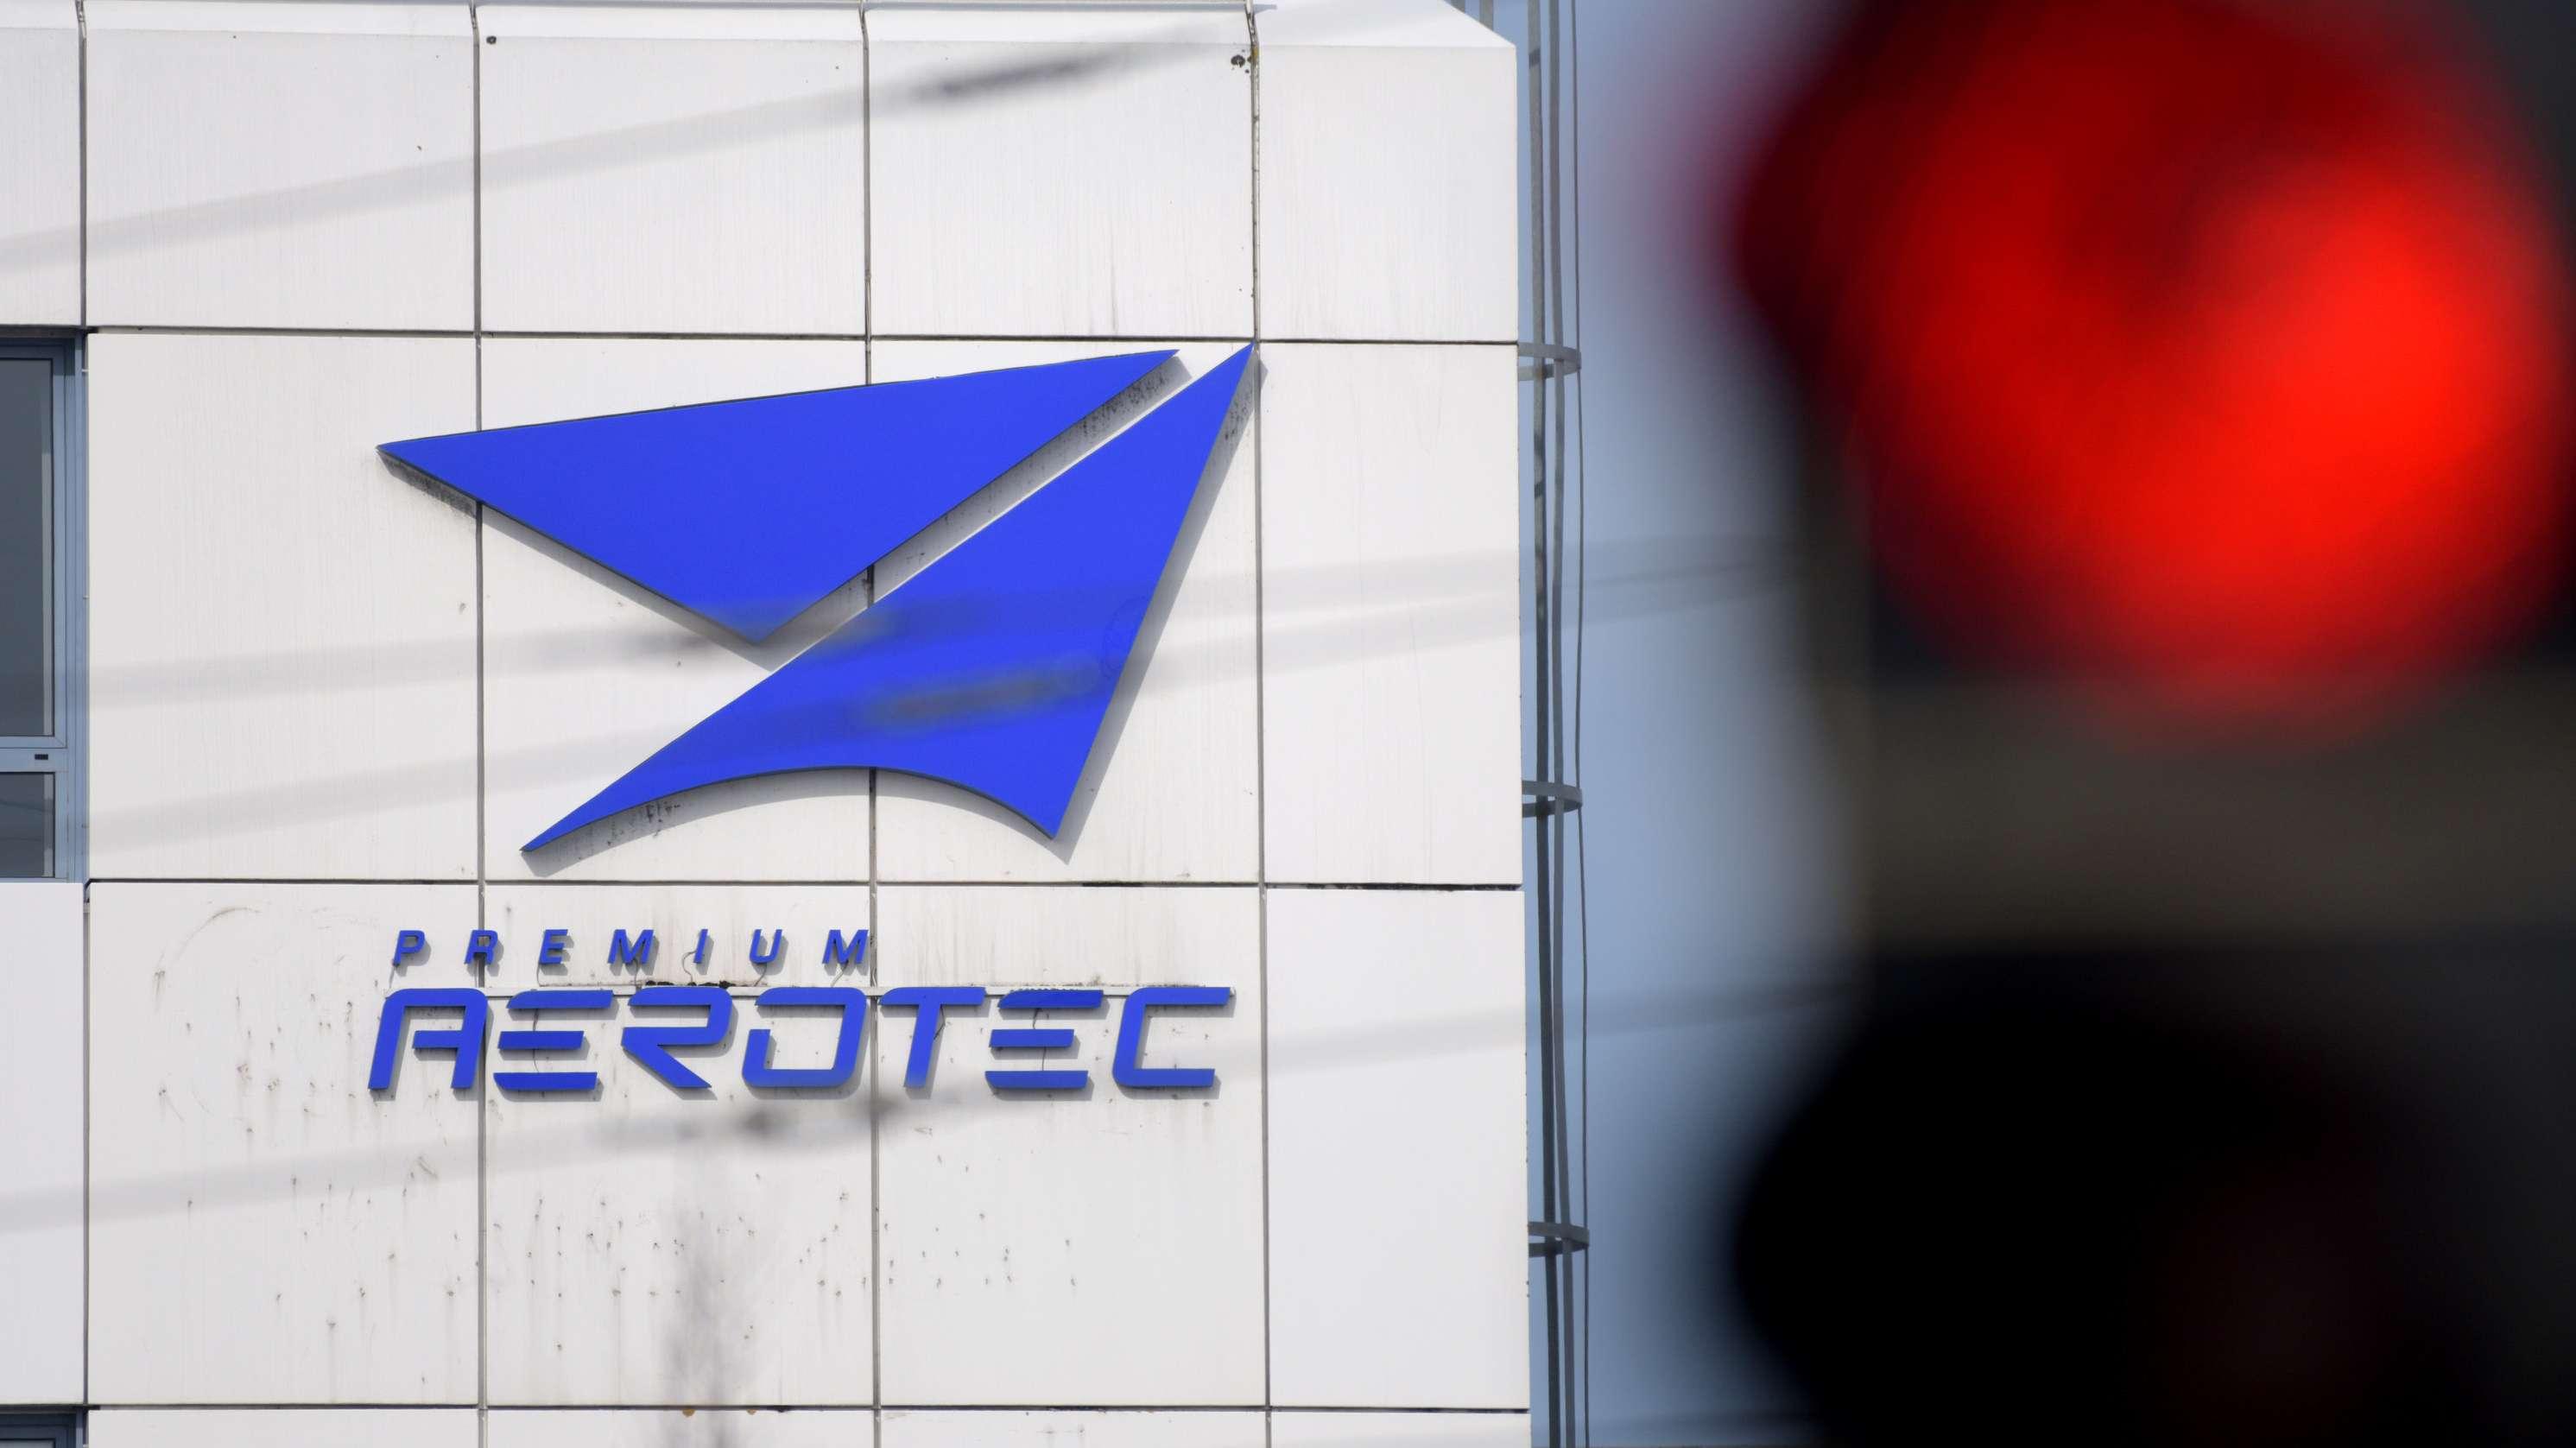 Ampel vor dem Werk des Flugzeugherstellers Premium Aerotec steht auf rot.